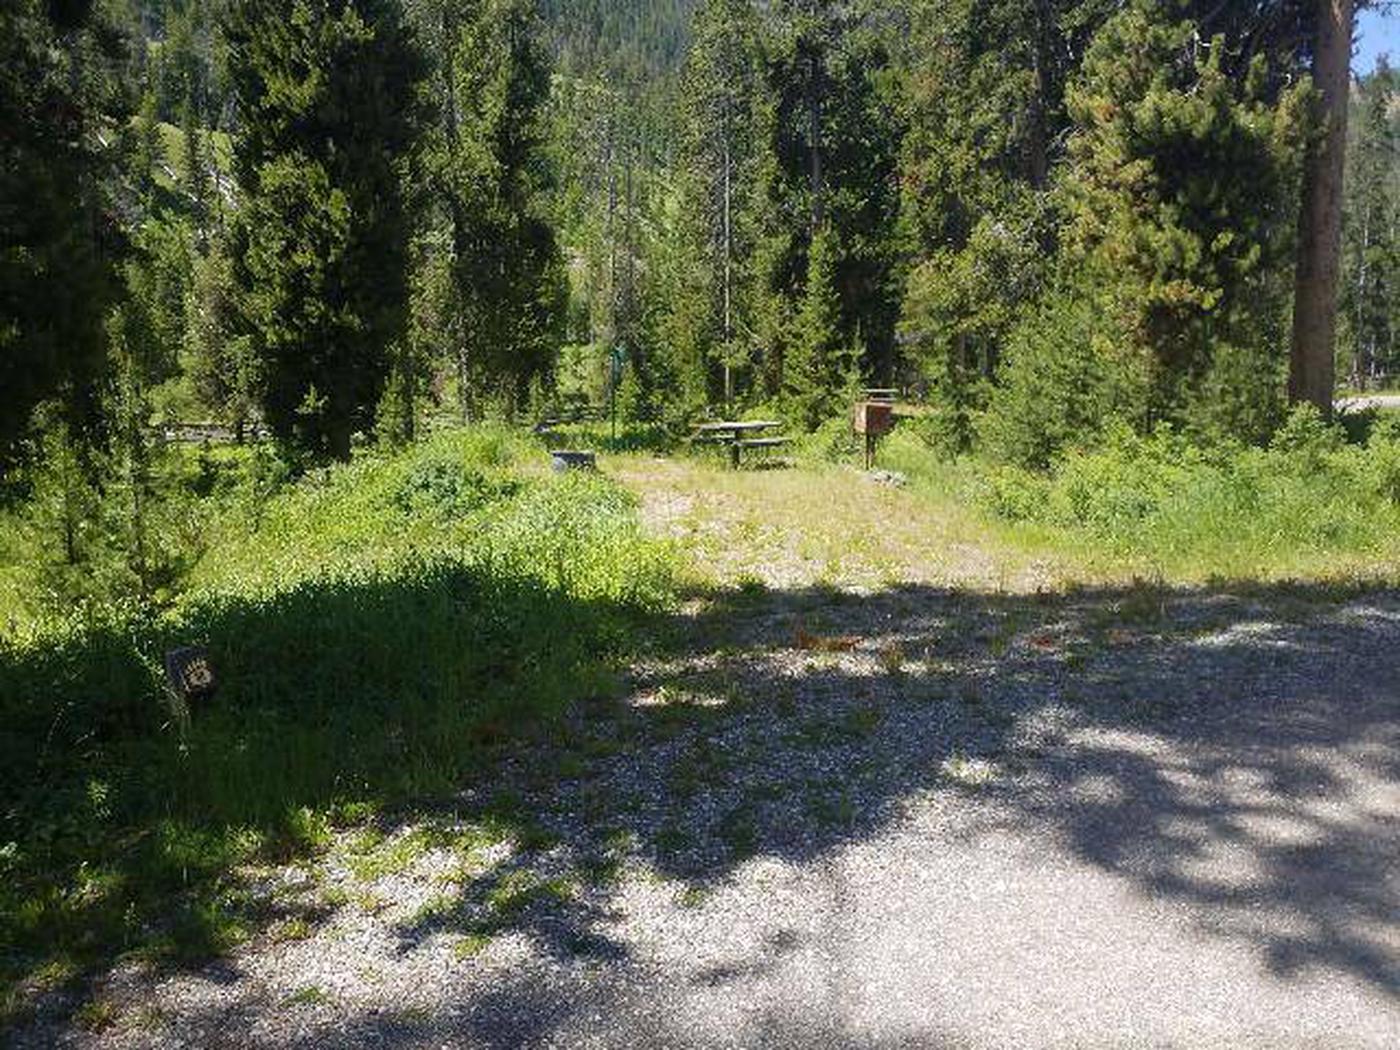 Threemile Campground Campsite 18 - Post